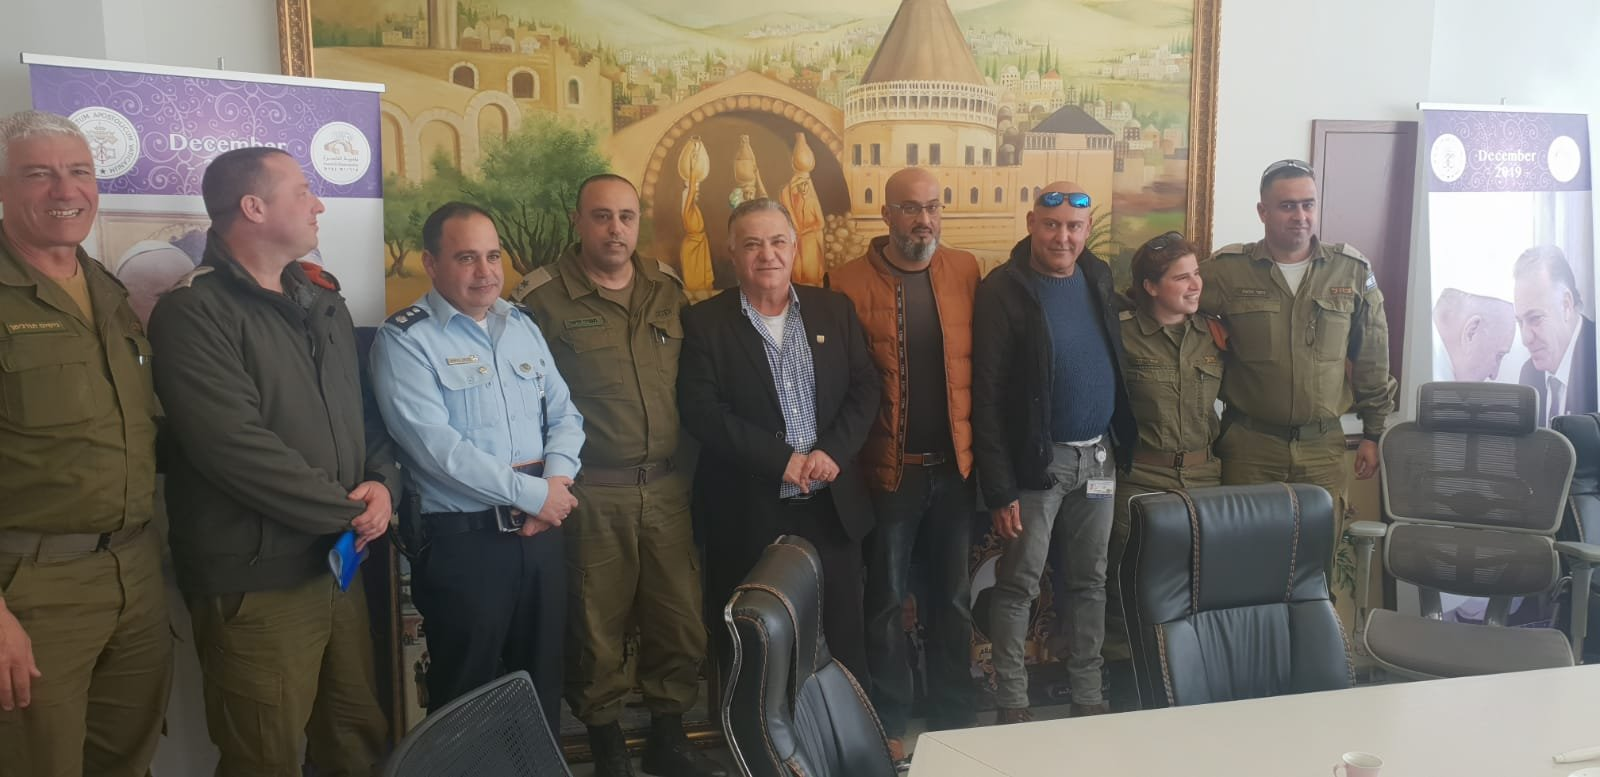 لجنه الطوارئ في بلدية الناصرة تعقد جلسه عمل مع الجبهة الداخلية-6